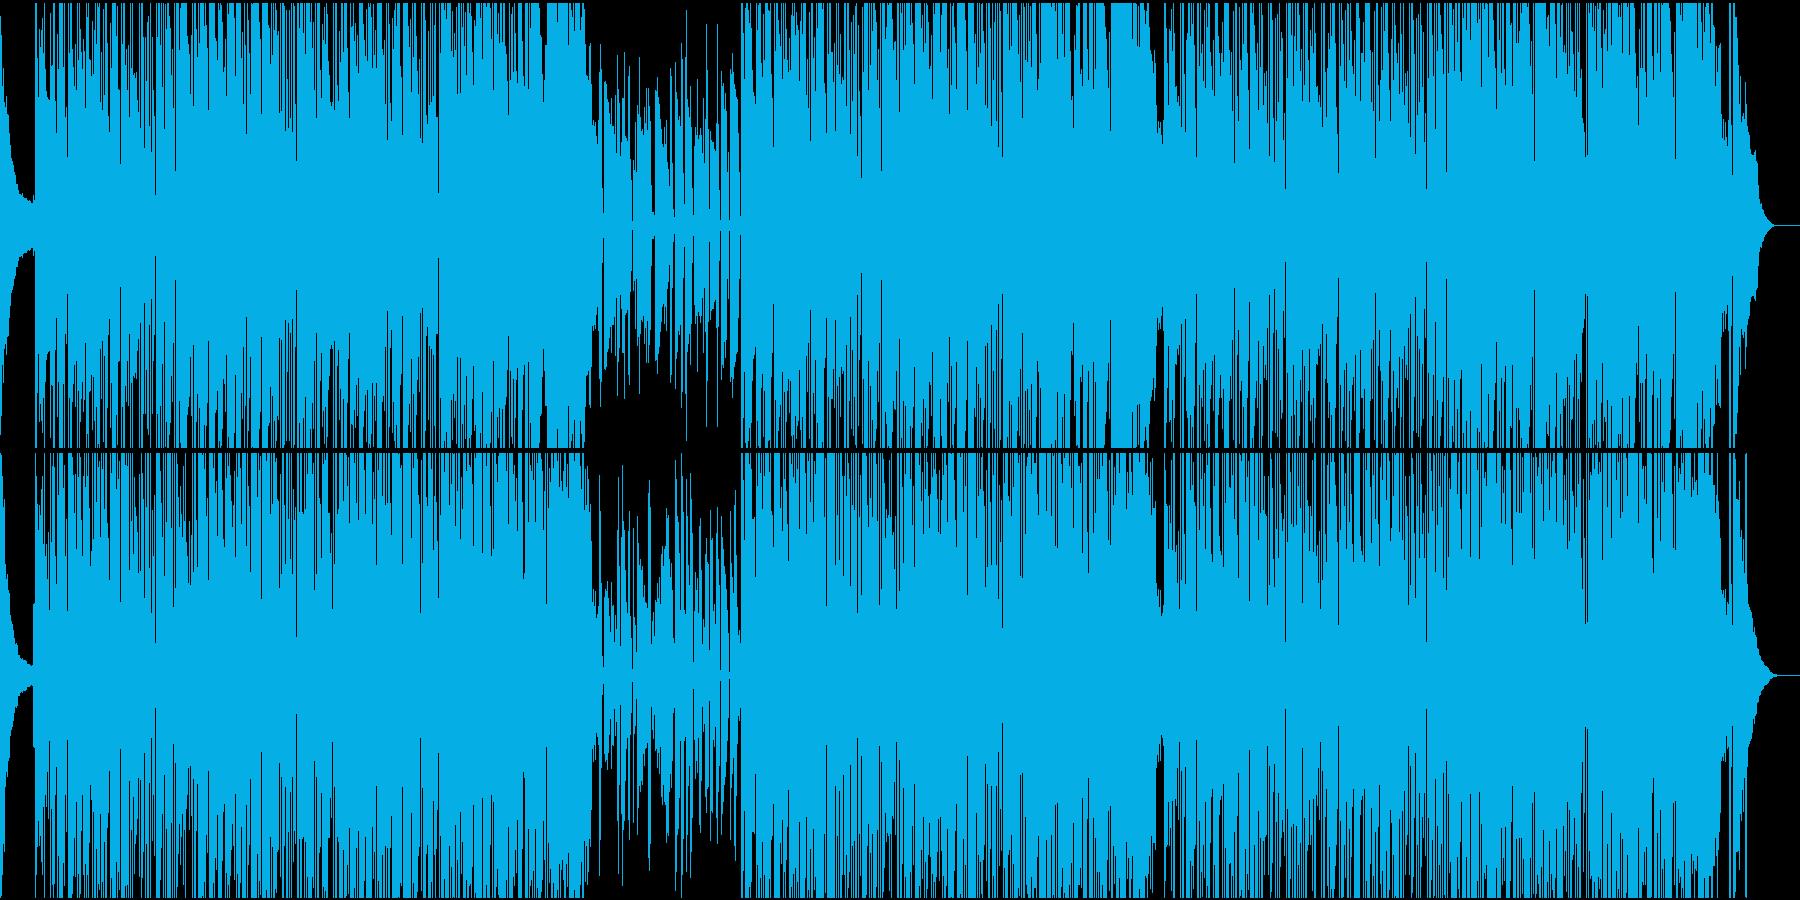 スローでシンプルなボサノバ_02の再生済みの波形